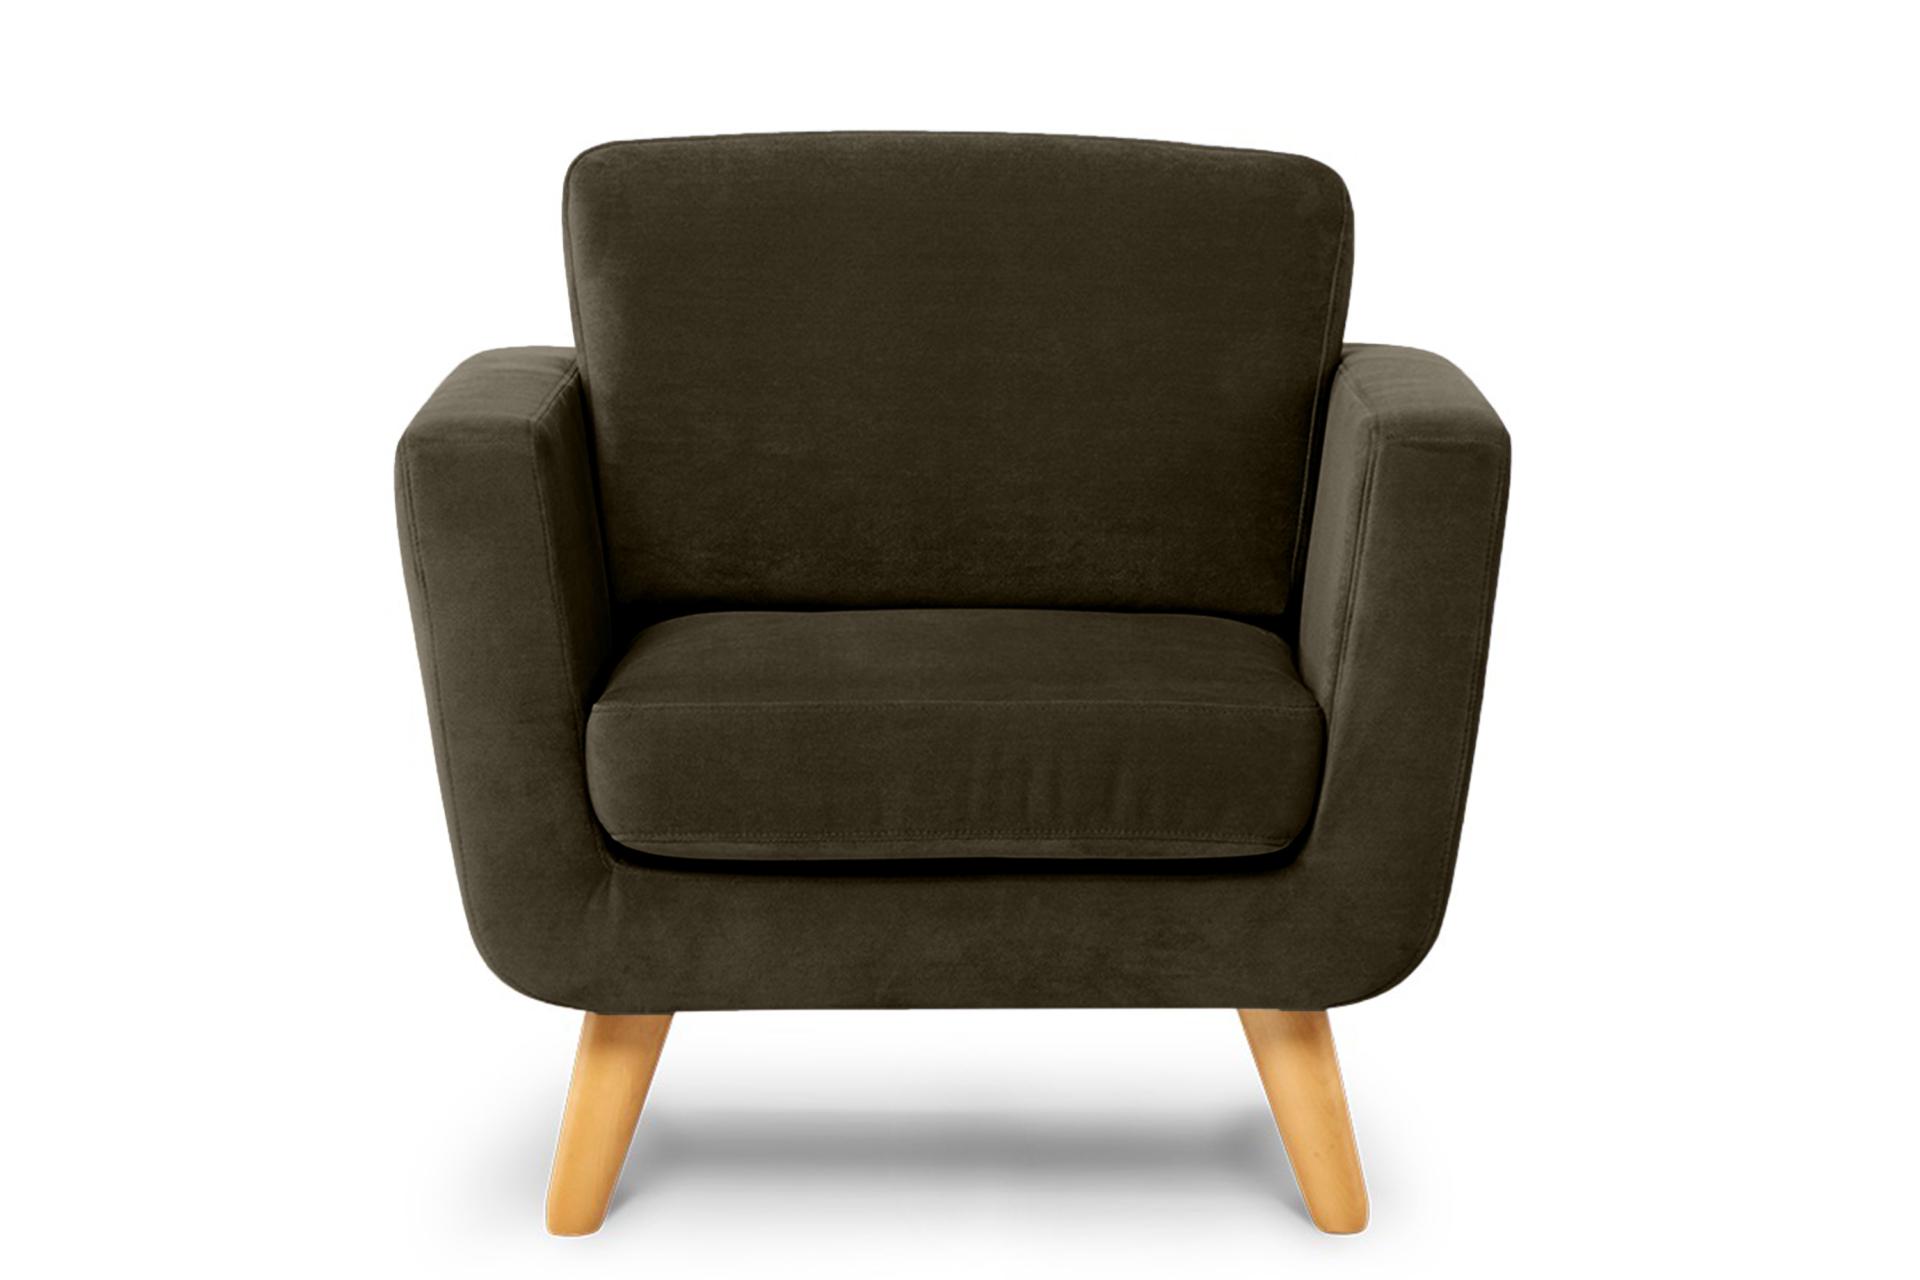 Brązowy fotel skandynawski